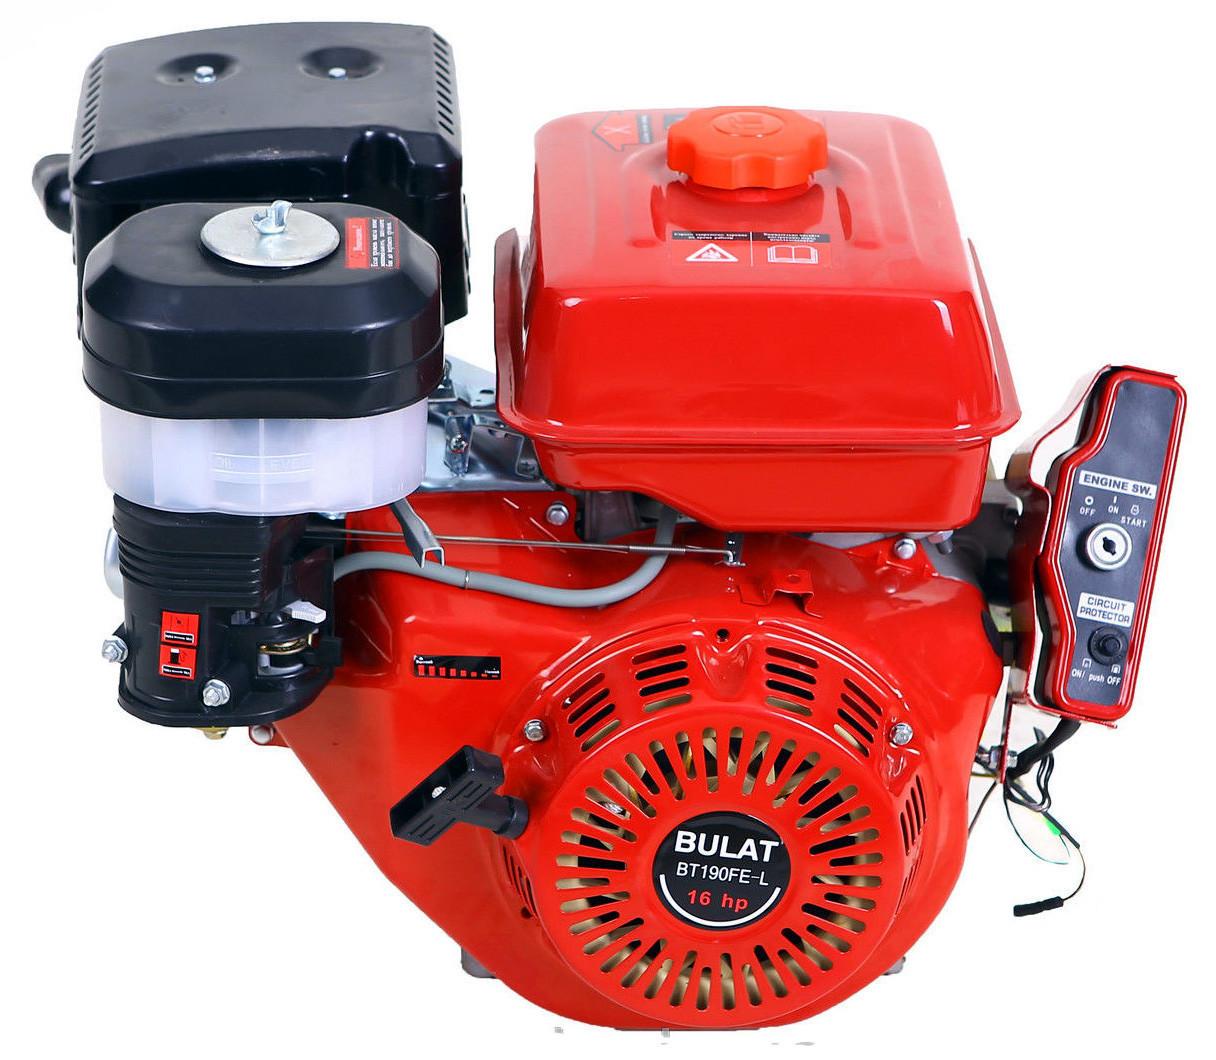 Бензиновый двигатель BULAT  BТ190FЕ-L (16,0 л.с., эл.старт, шпонка Ø25мм, L=72мм, редуктор)+доставка